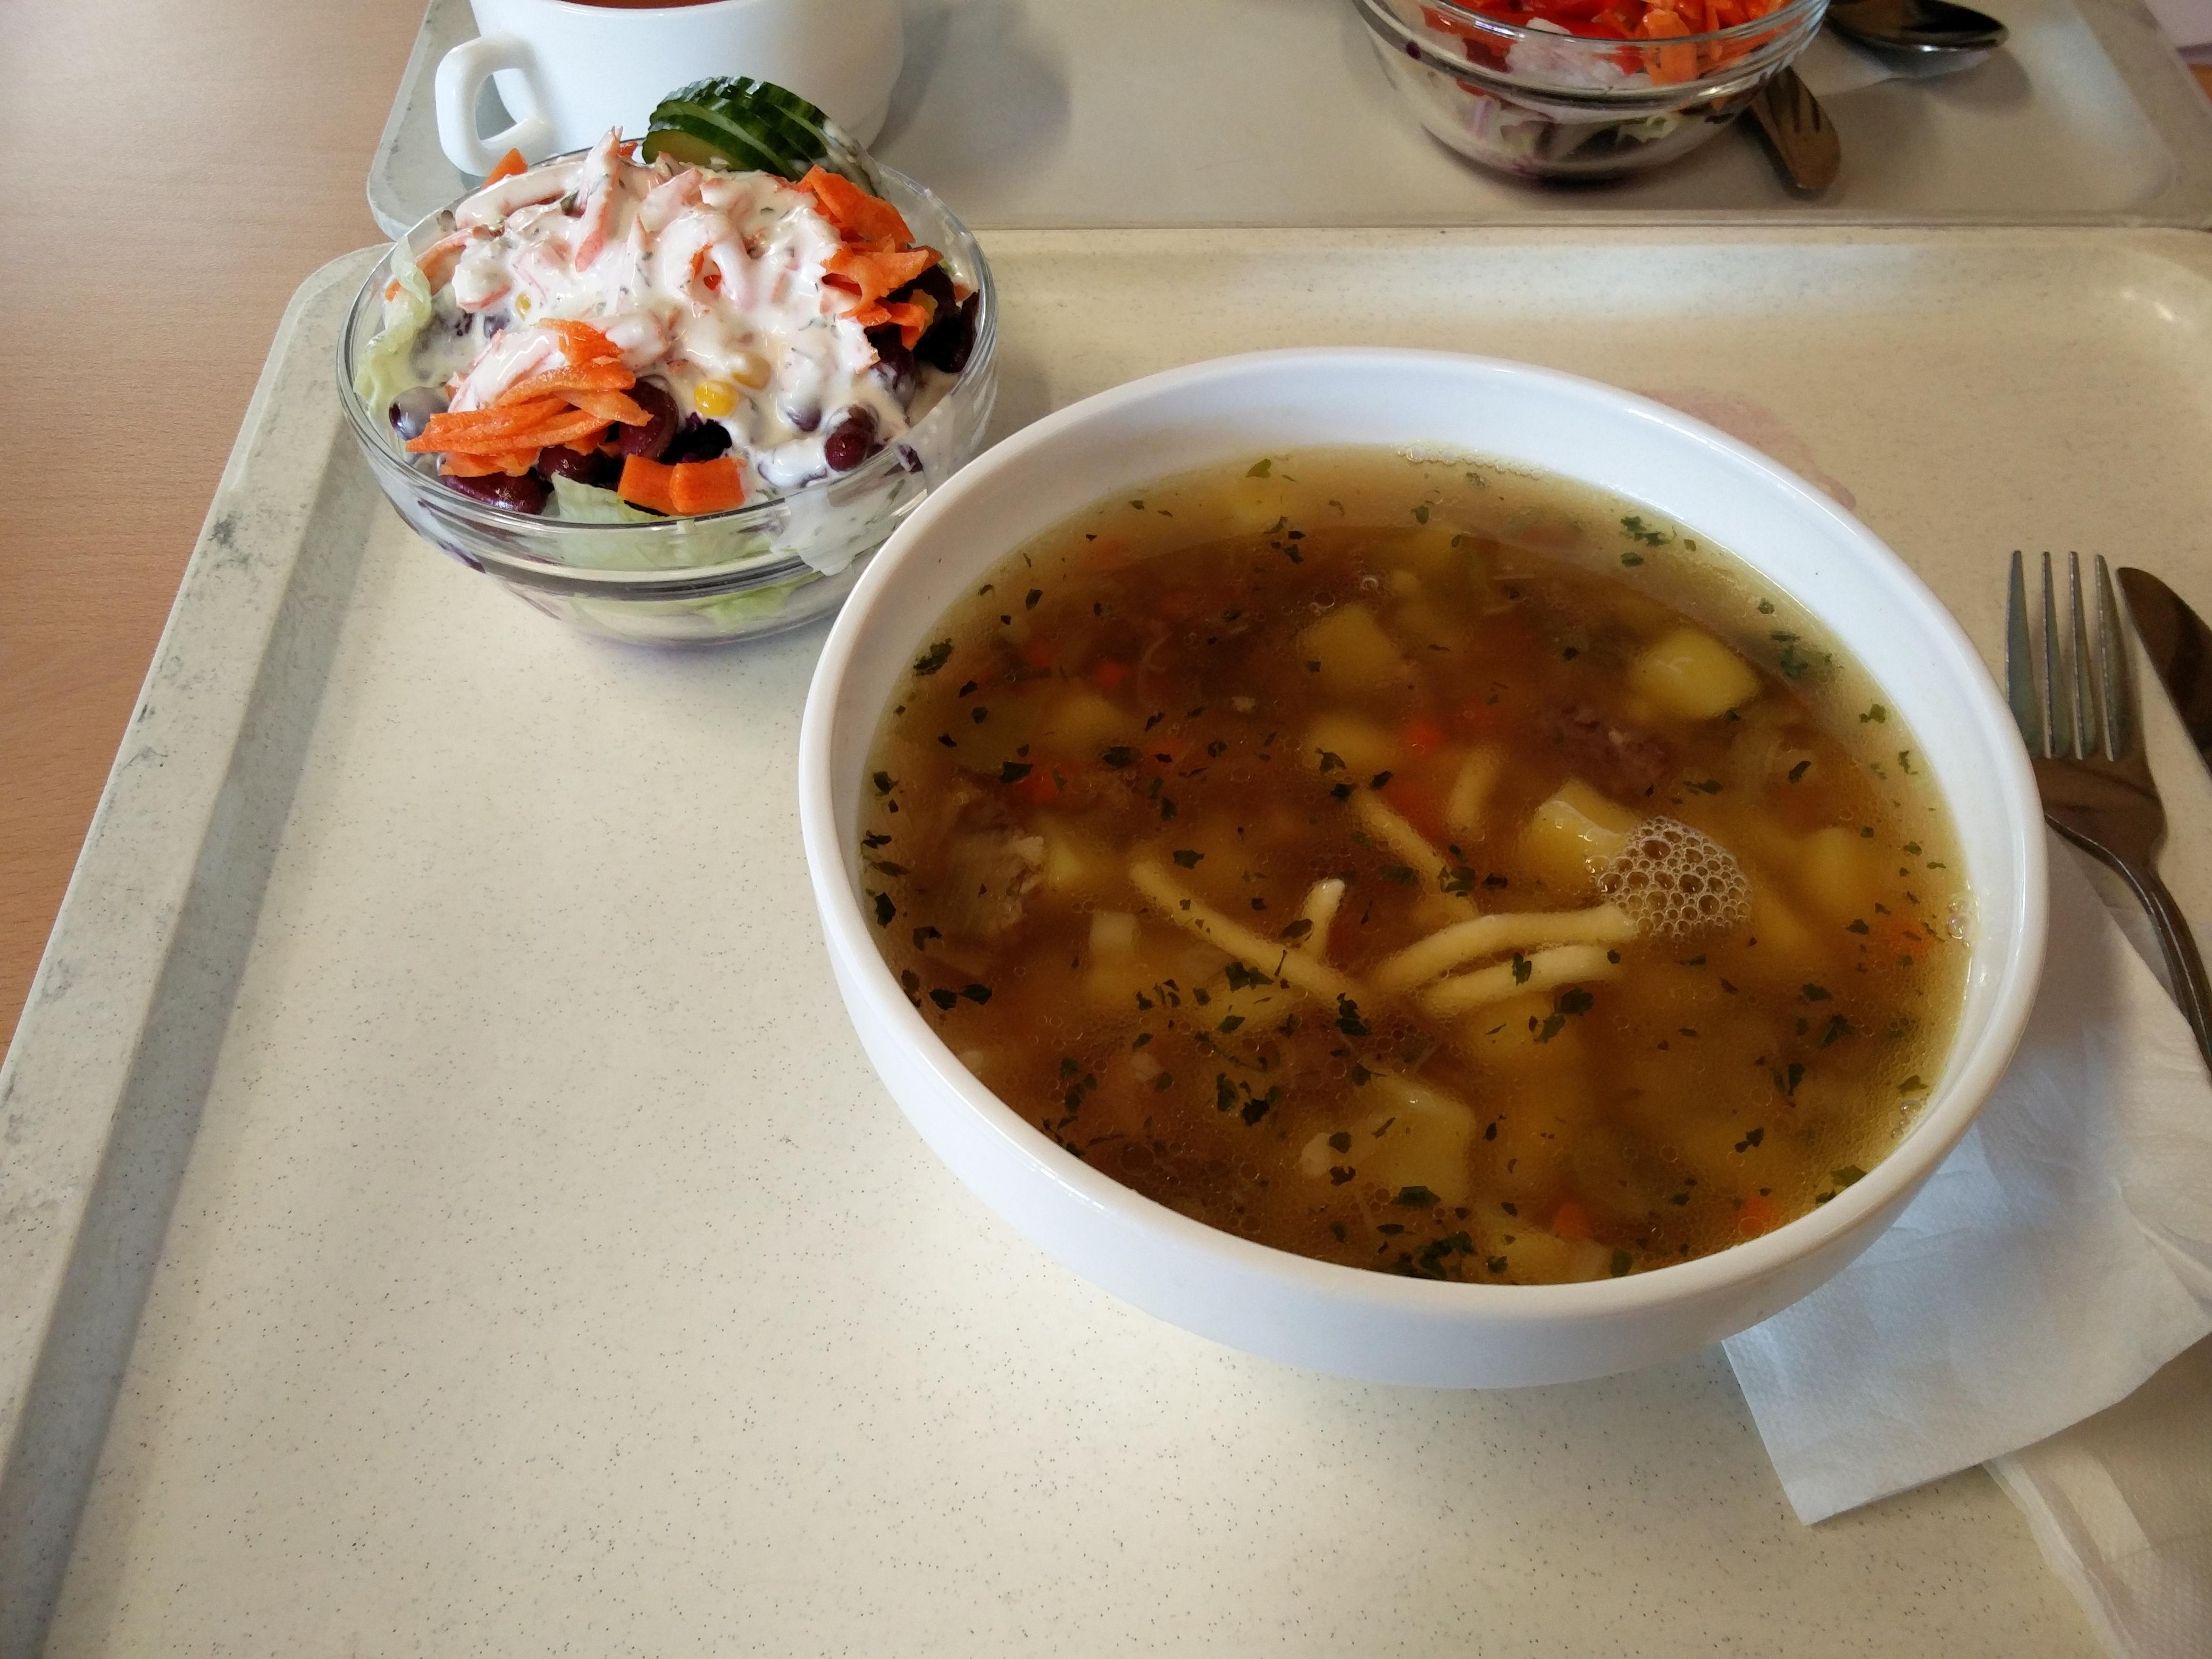 https://foodloader.net/nico_2016-02-12_gaisburger-marsch-und-salat.jpg